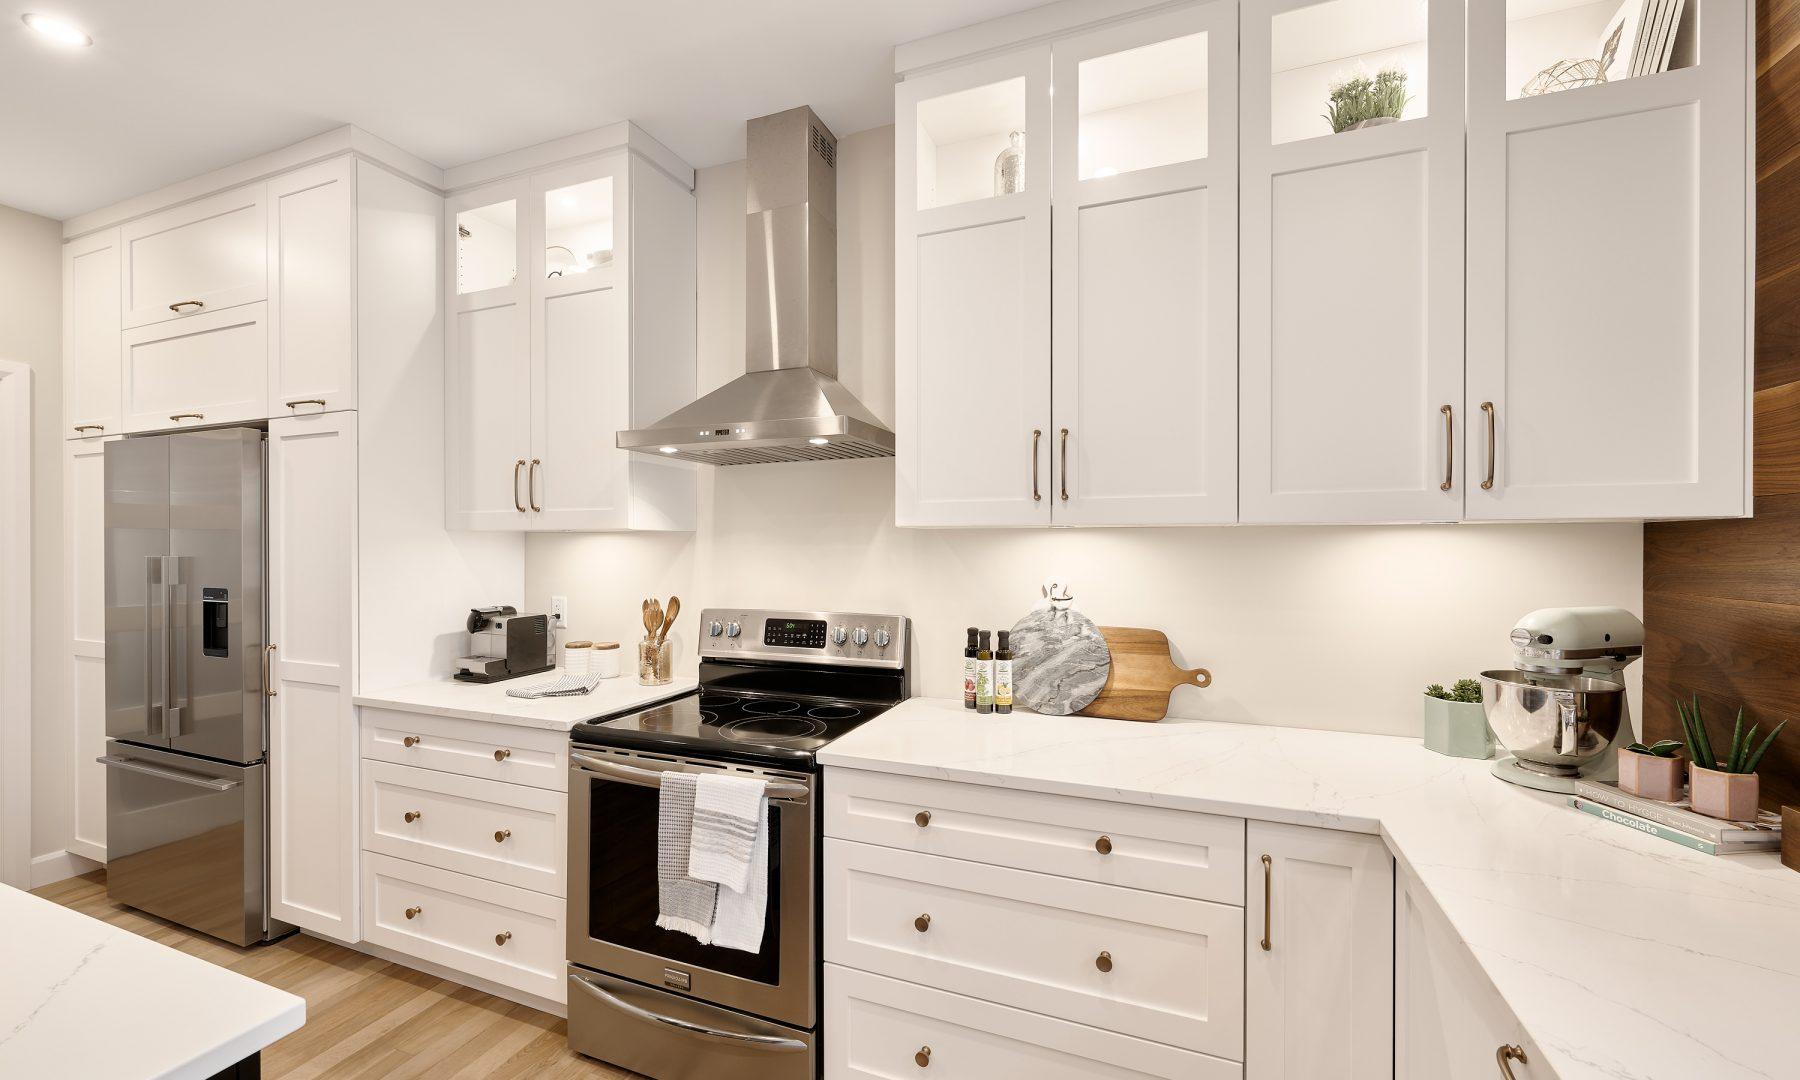 Cabico Custom Cabinets - Projet cuisine Des Sables - vue sur les comptoirs